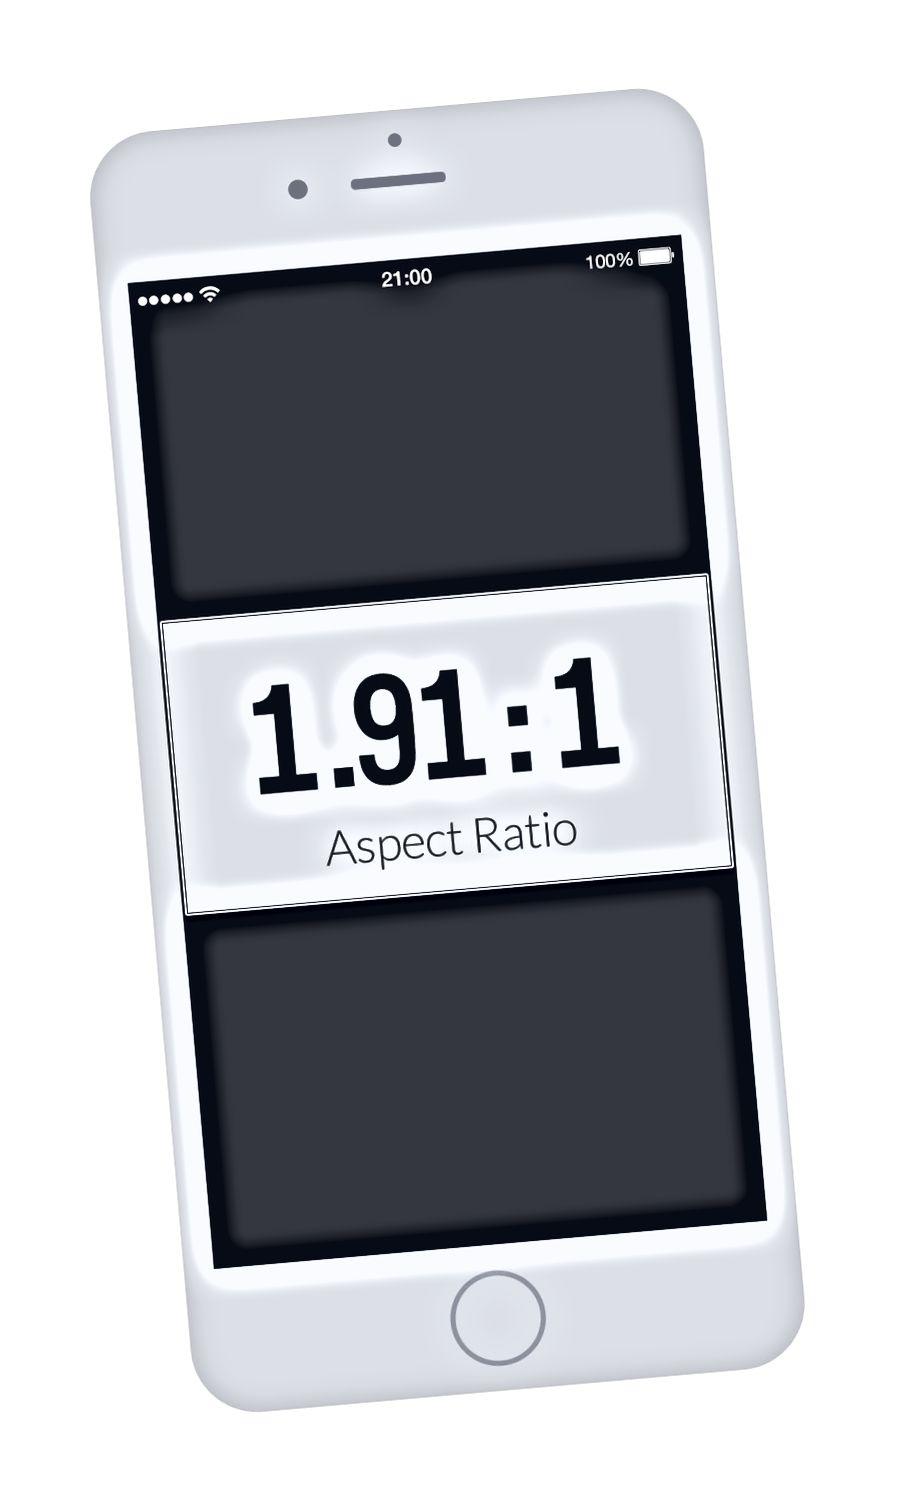 1:91: 1 (Liten tunnare än 1080 p)